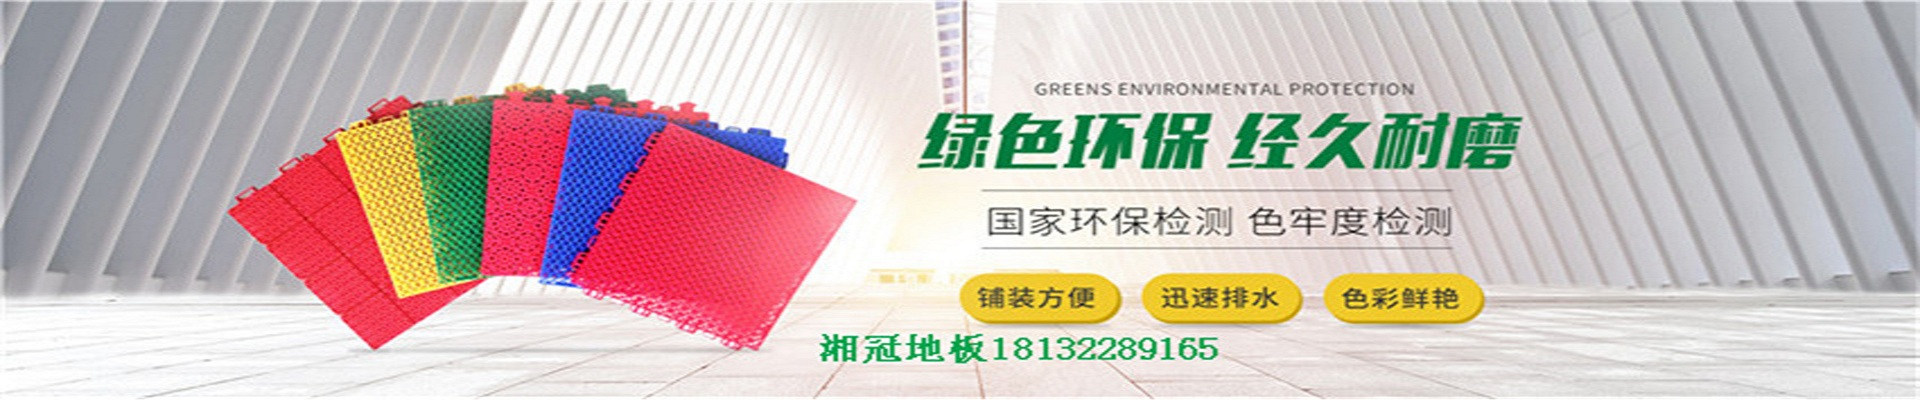 河北湘冠体育设施有限公司